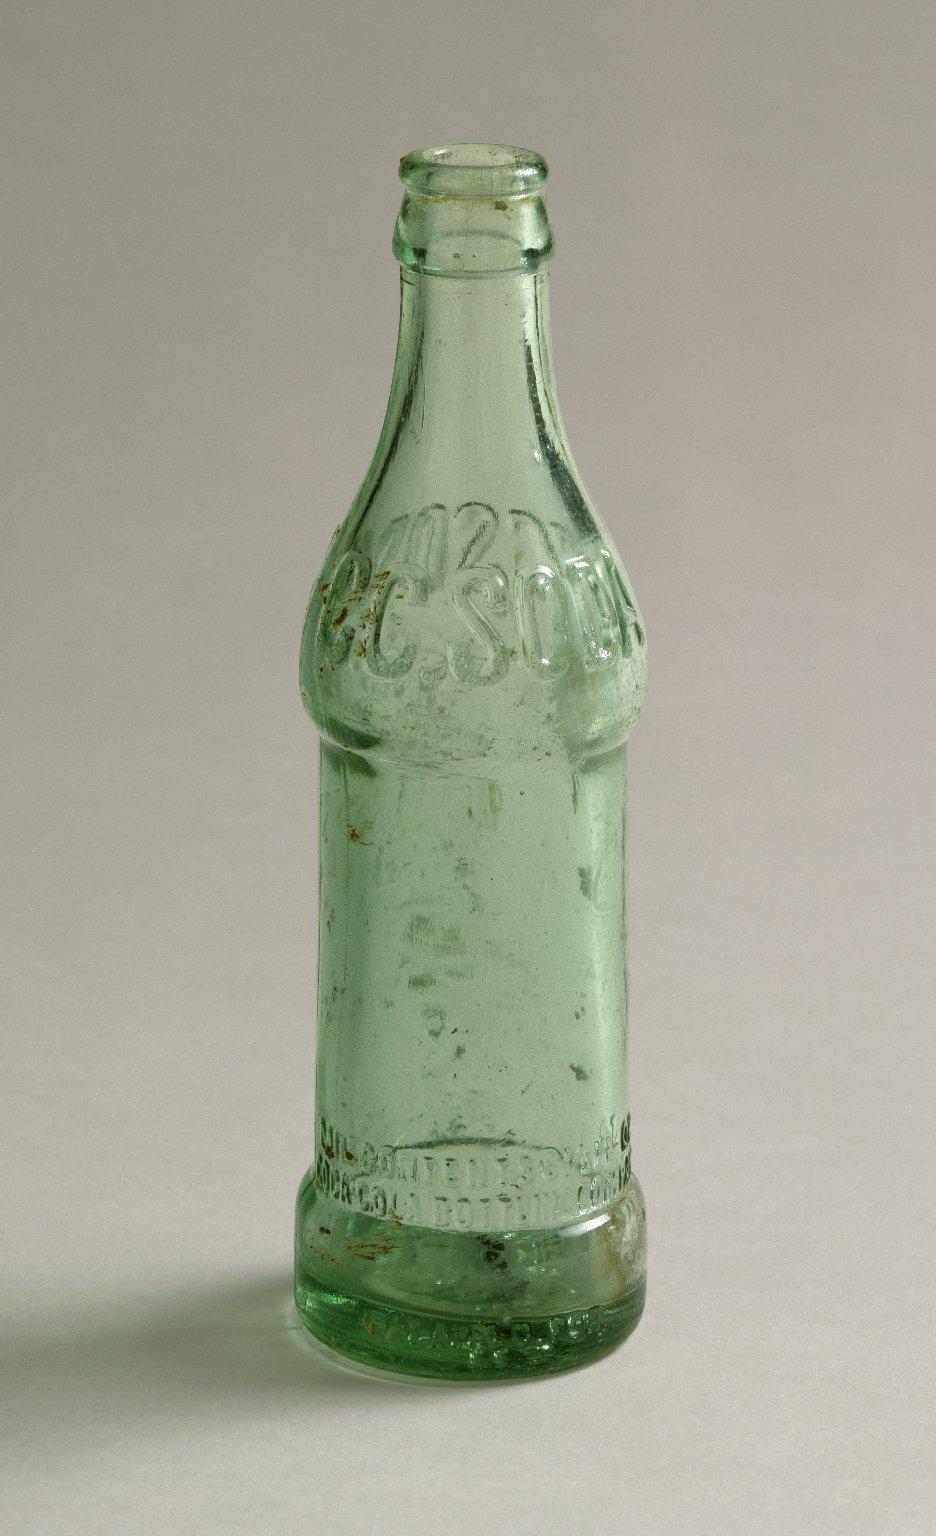 Soda bottle left by workmen on Folger site.